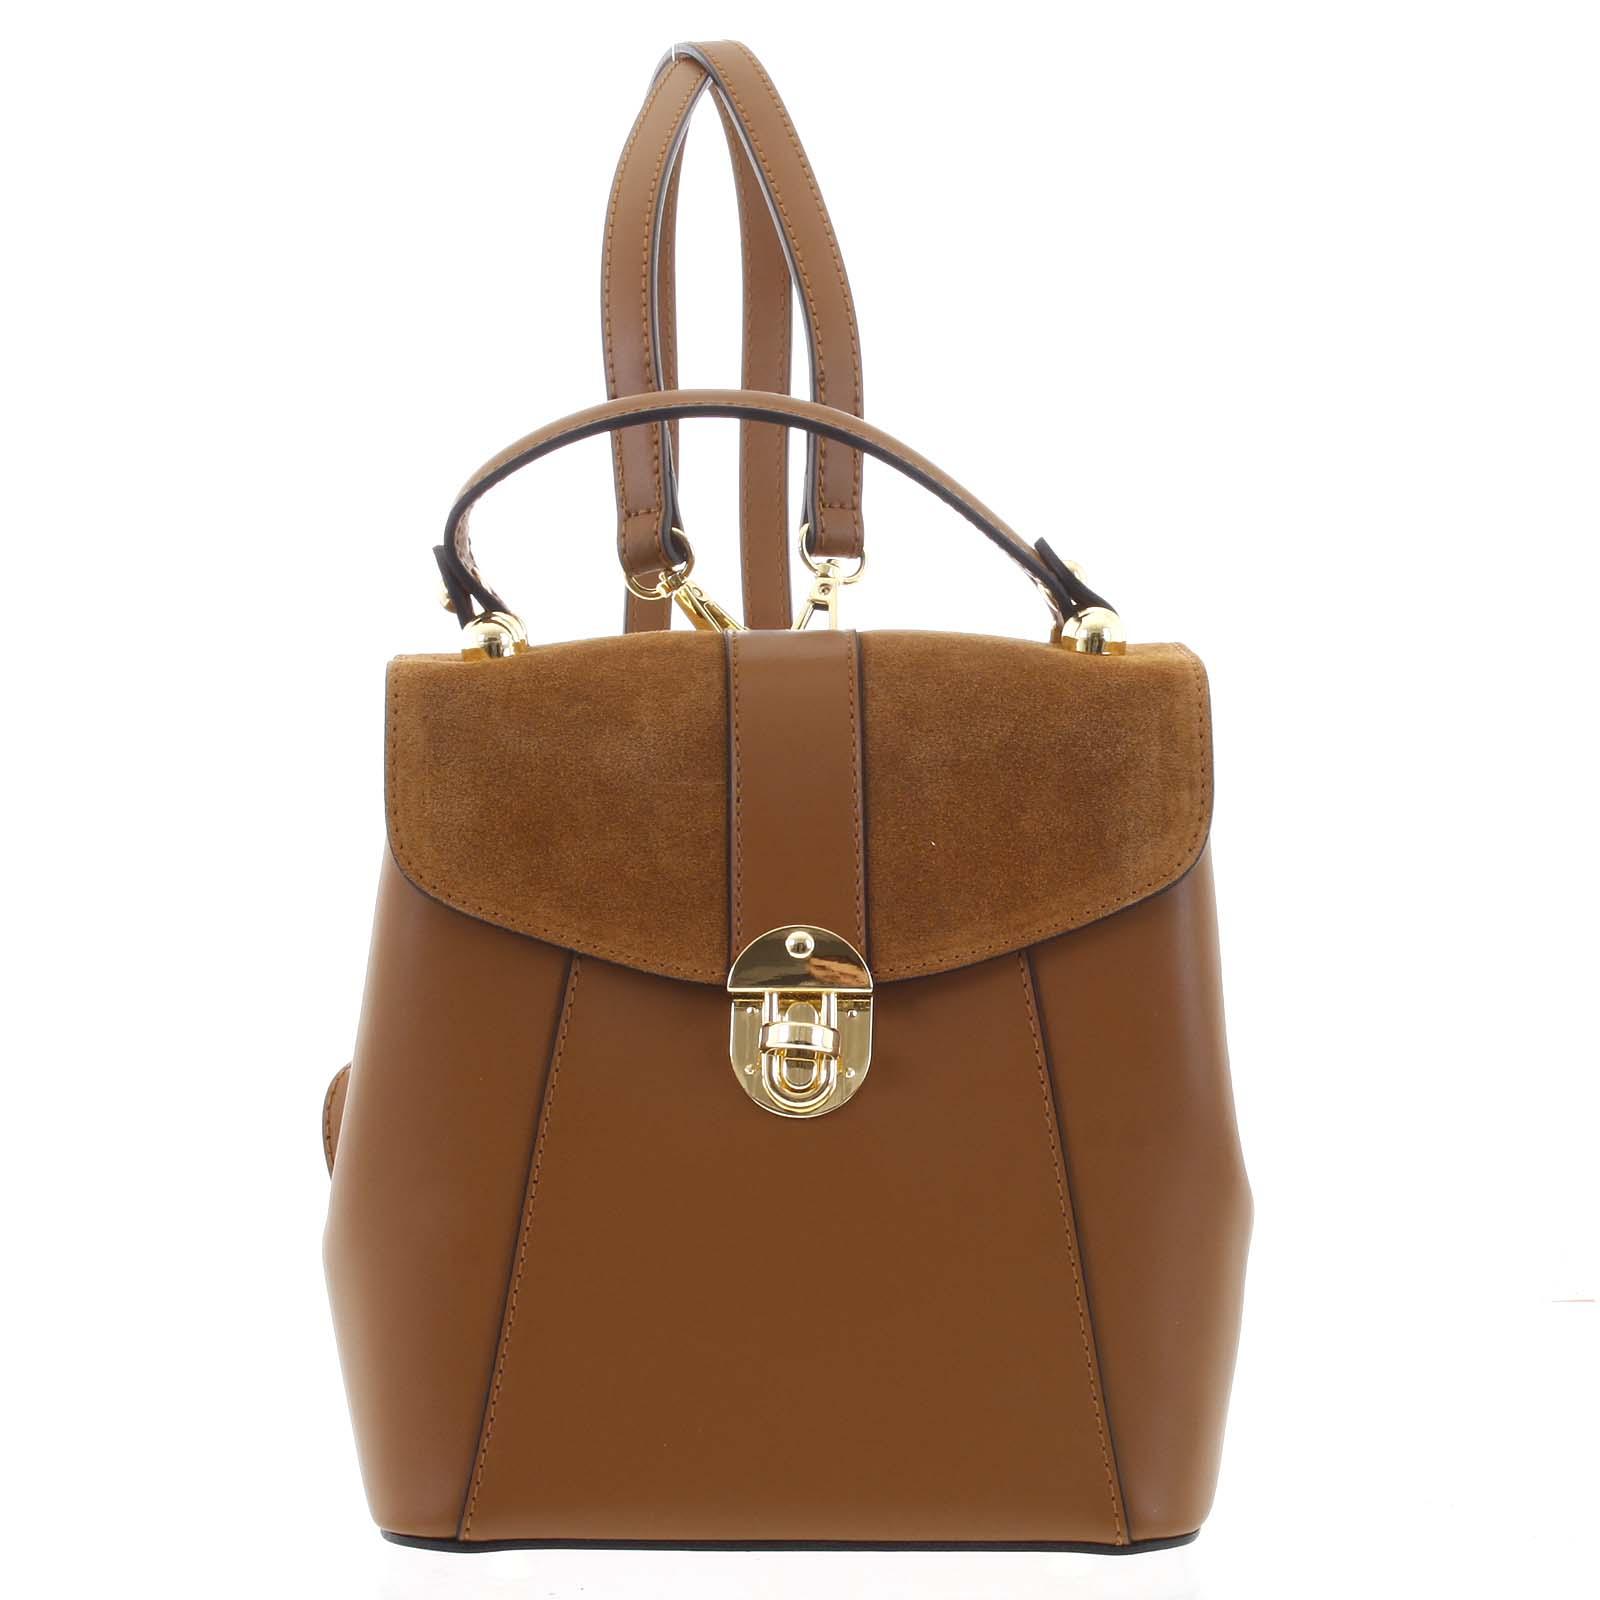 Dámský originální kožený hnědý batůžek/kabelka - ItalY Acnes